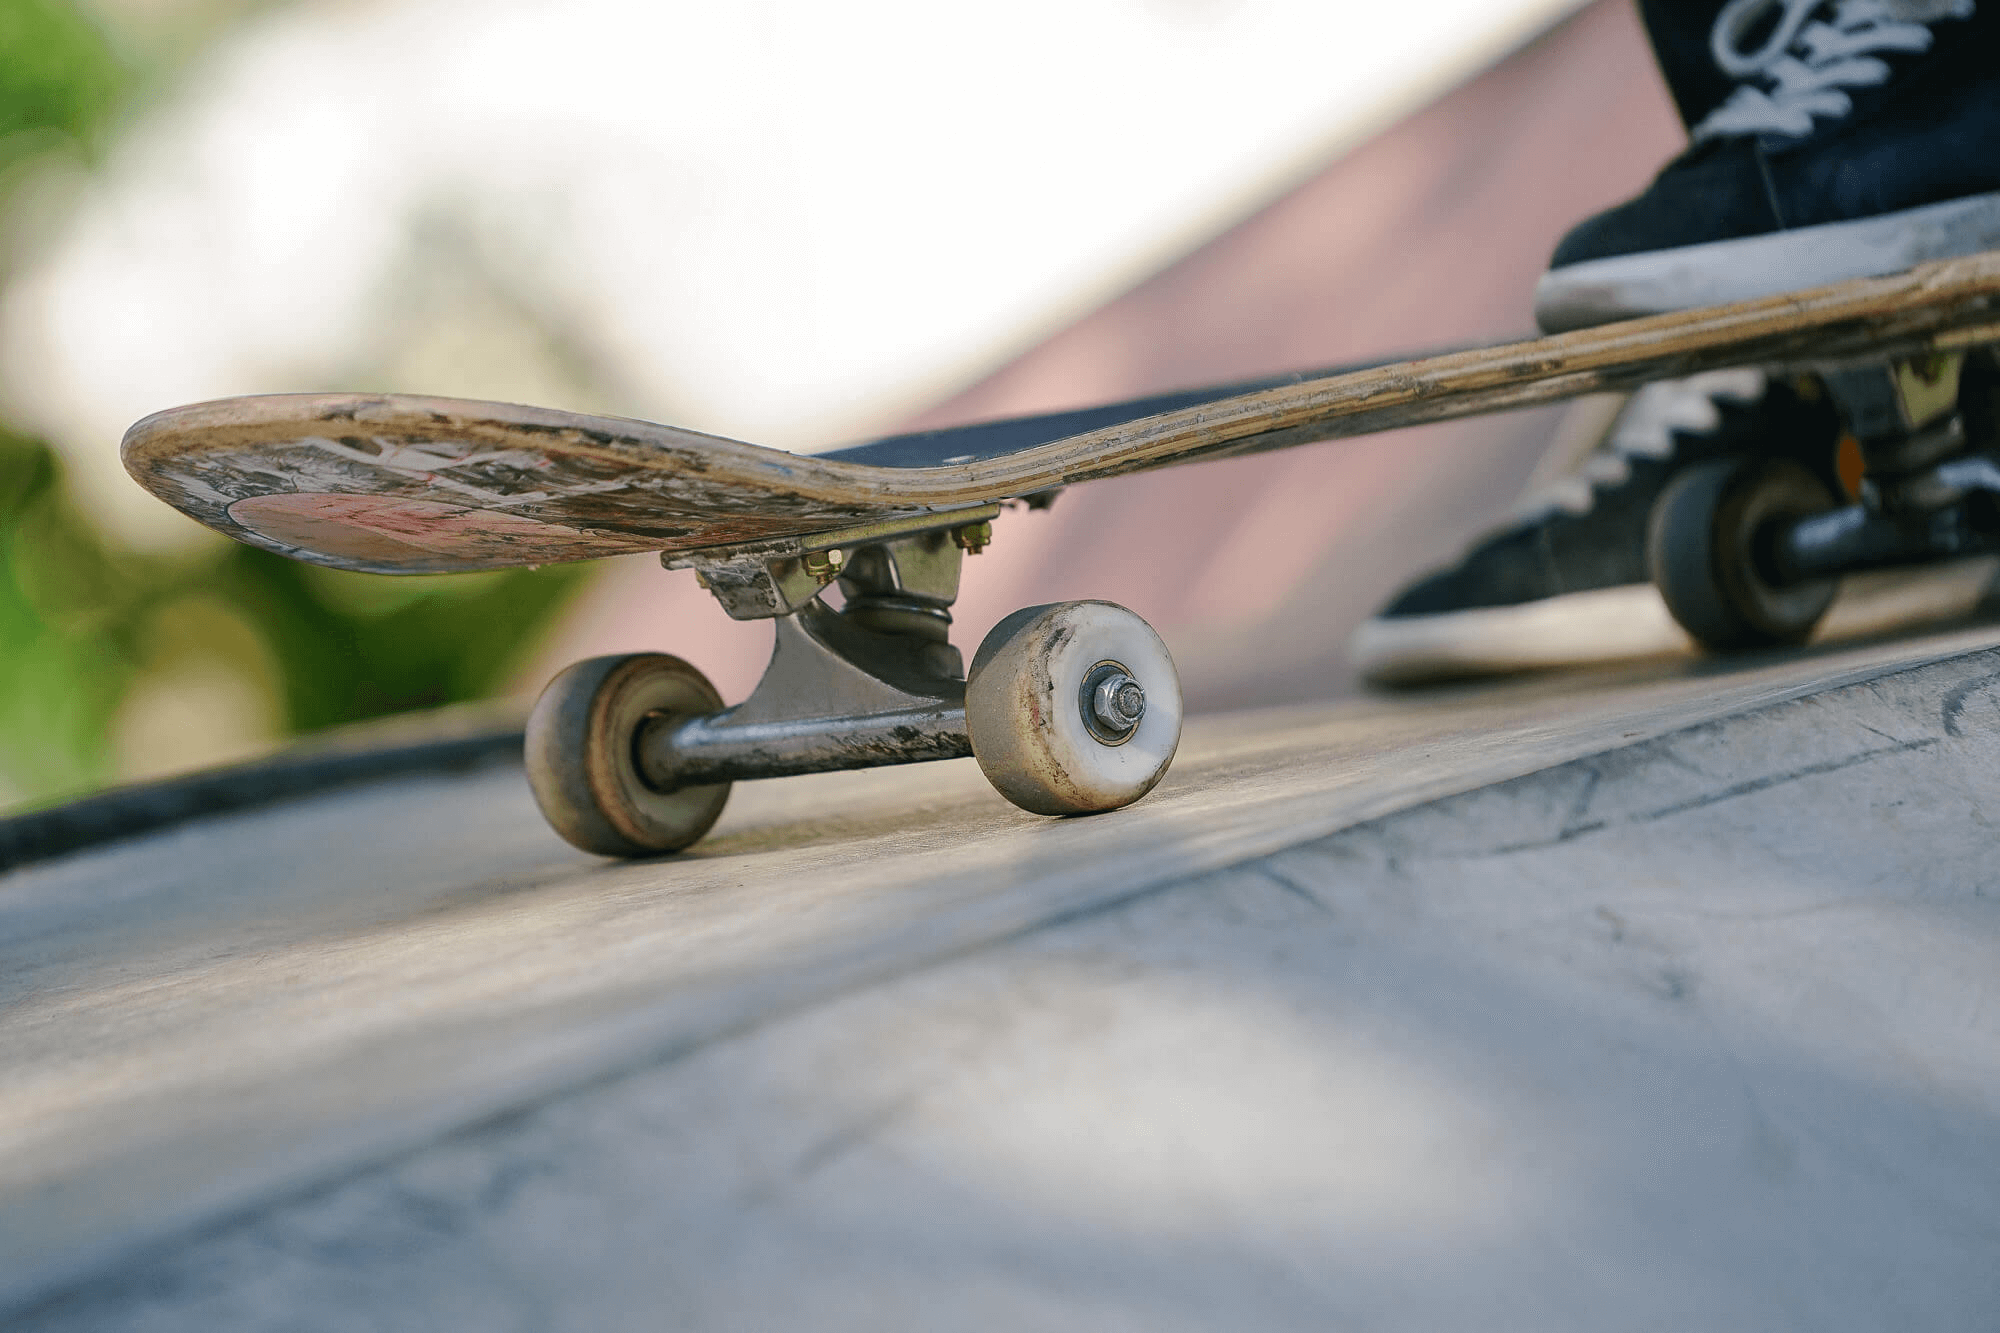 В Краснодаре ребенок получил травму головы в скейт-парке